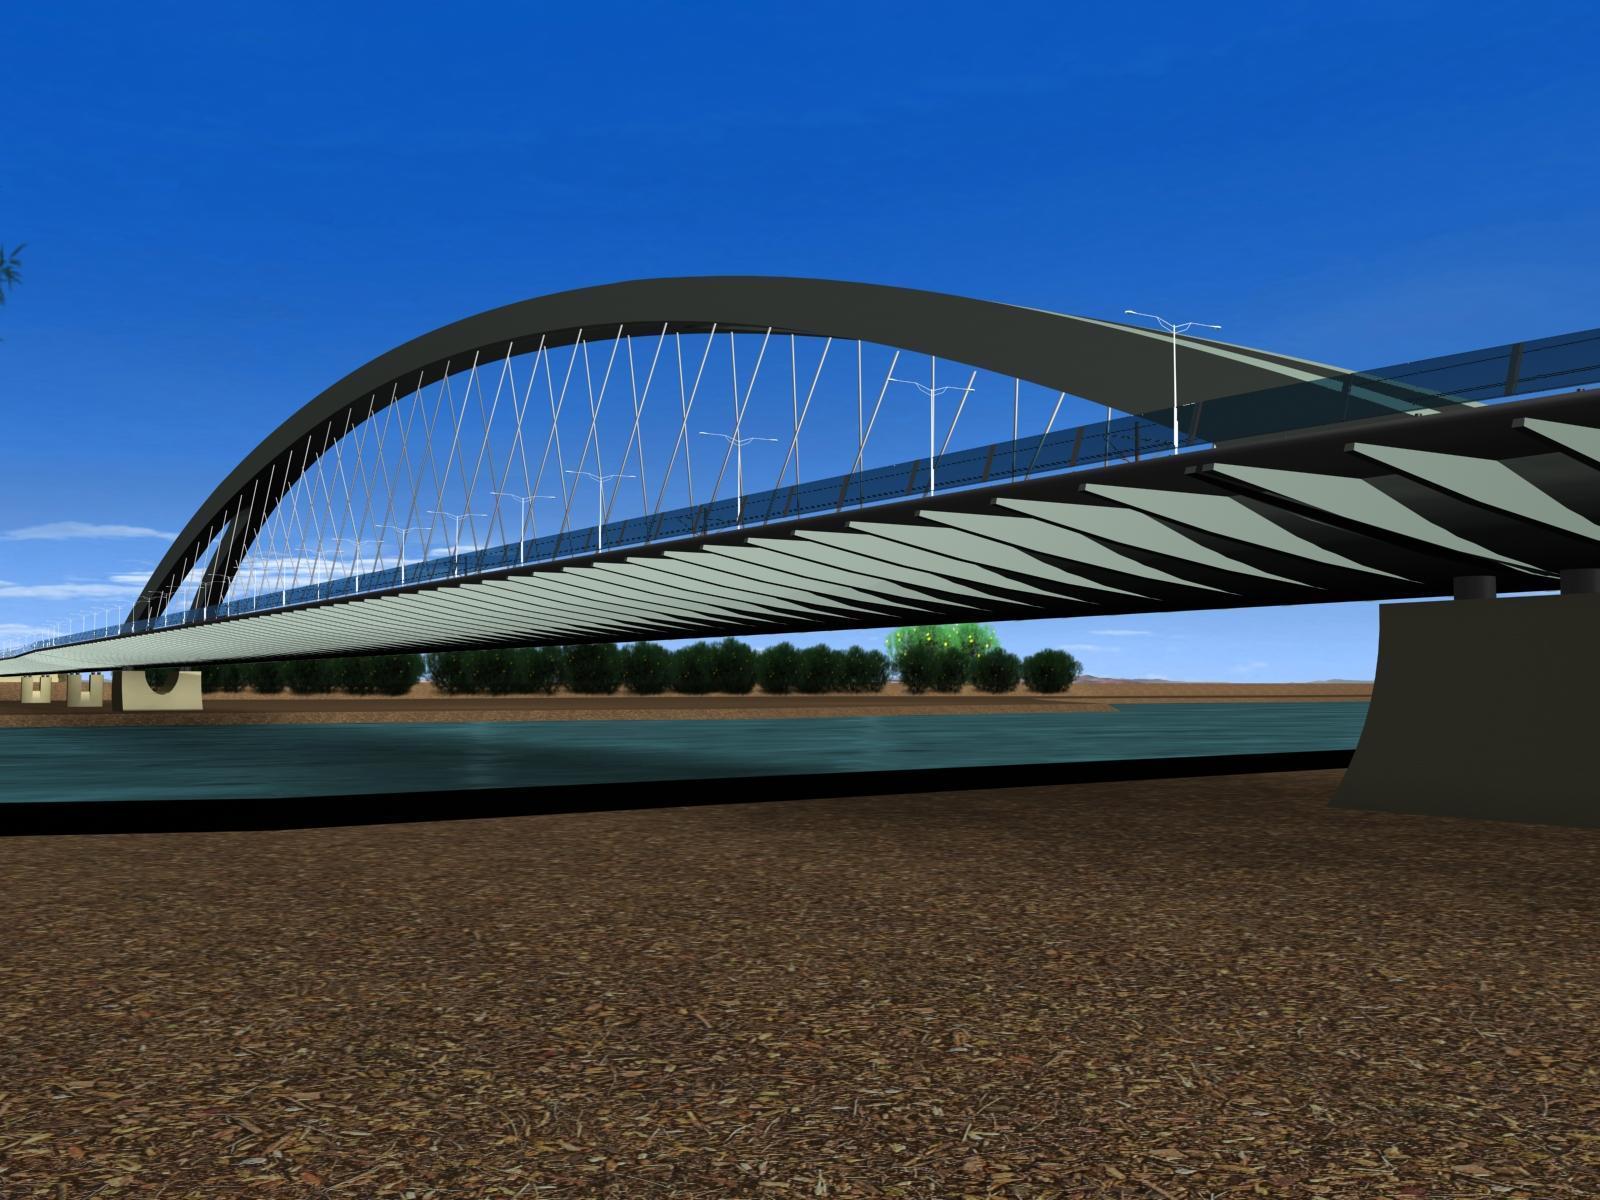 wizka projektu mostu Krasińskiego (za: siskom.waw.pl)